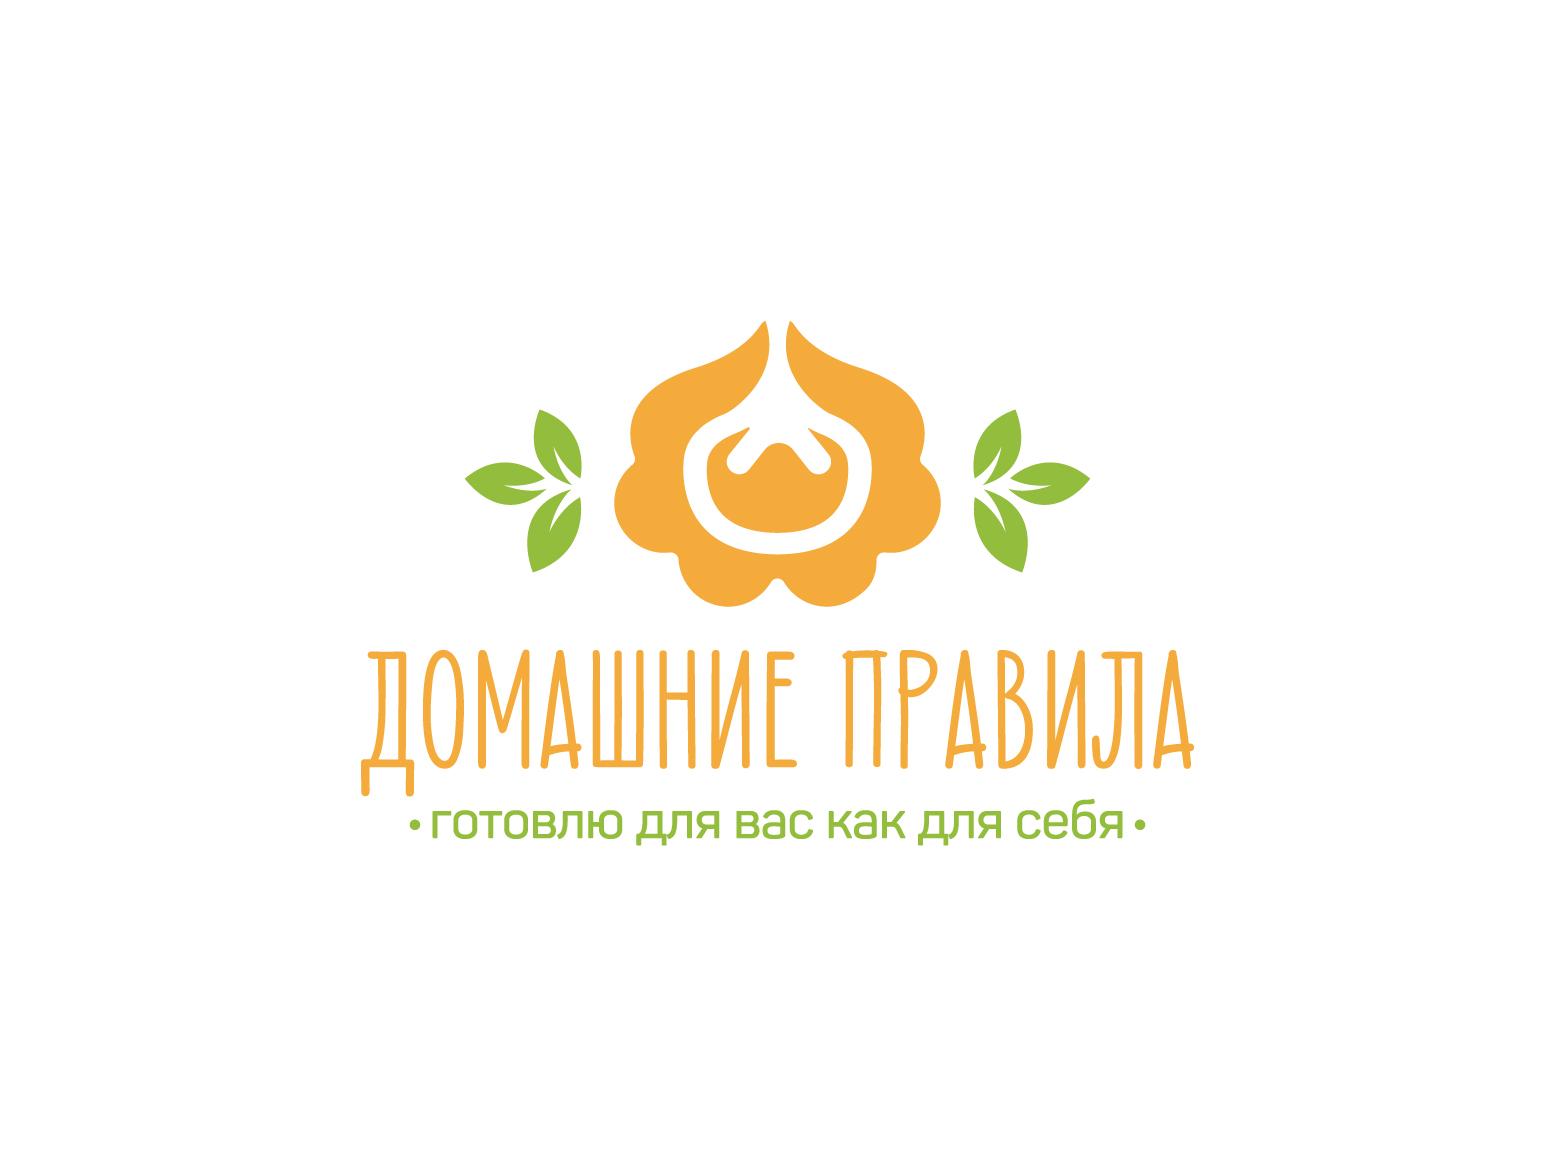 Название и логотип доставки домашней еды (Россия)